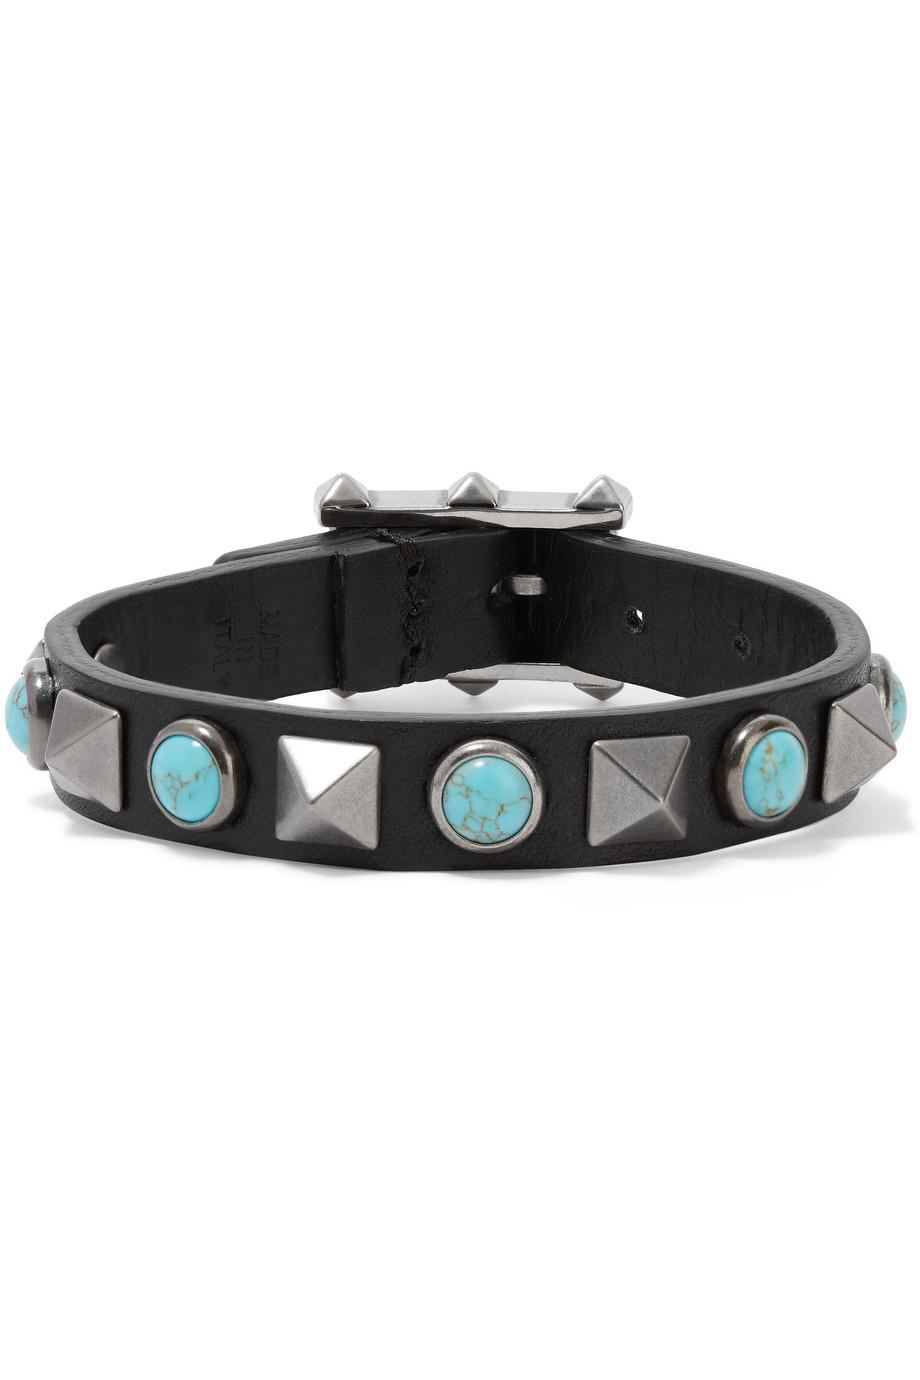 Valentino The Rockstud Rolling Embellished Leather Bracelet, Black/Blue, Women's